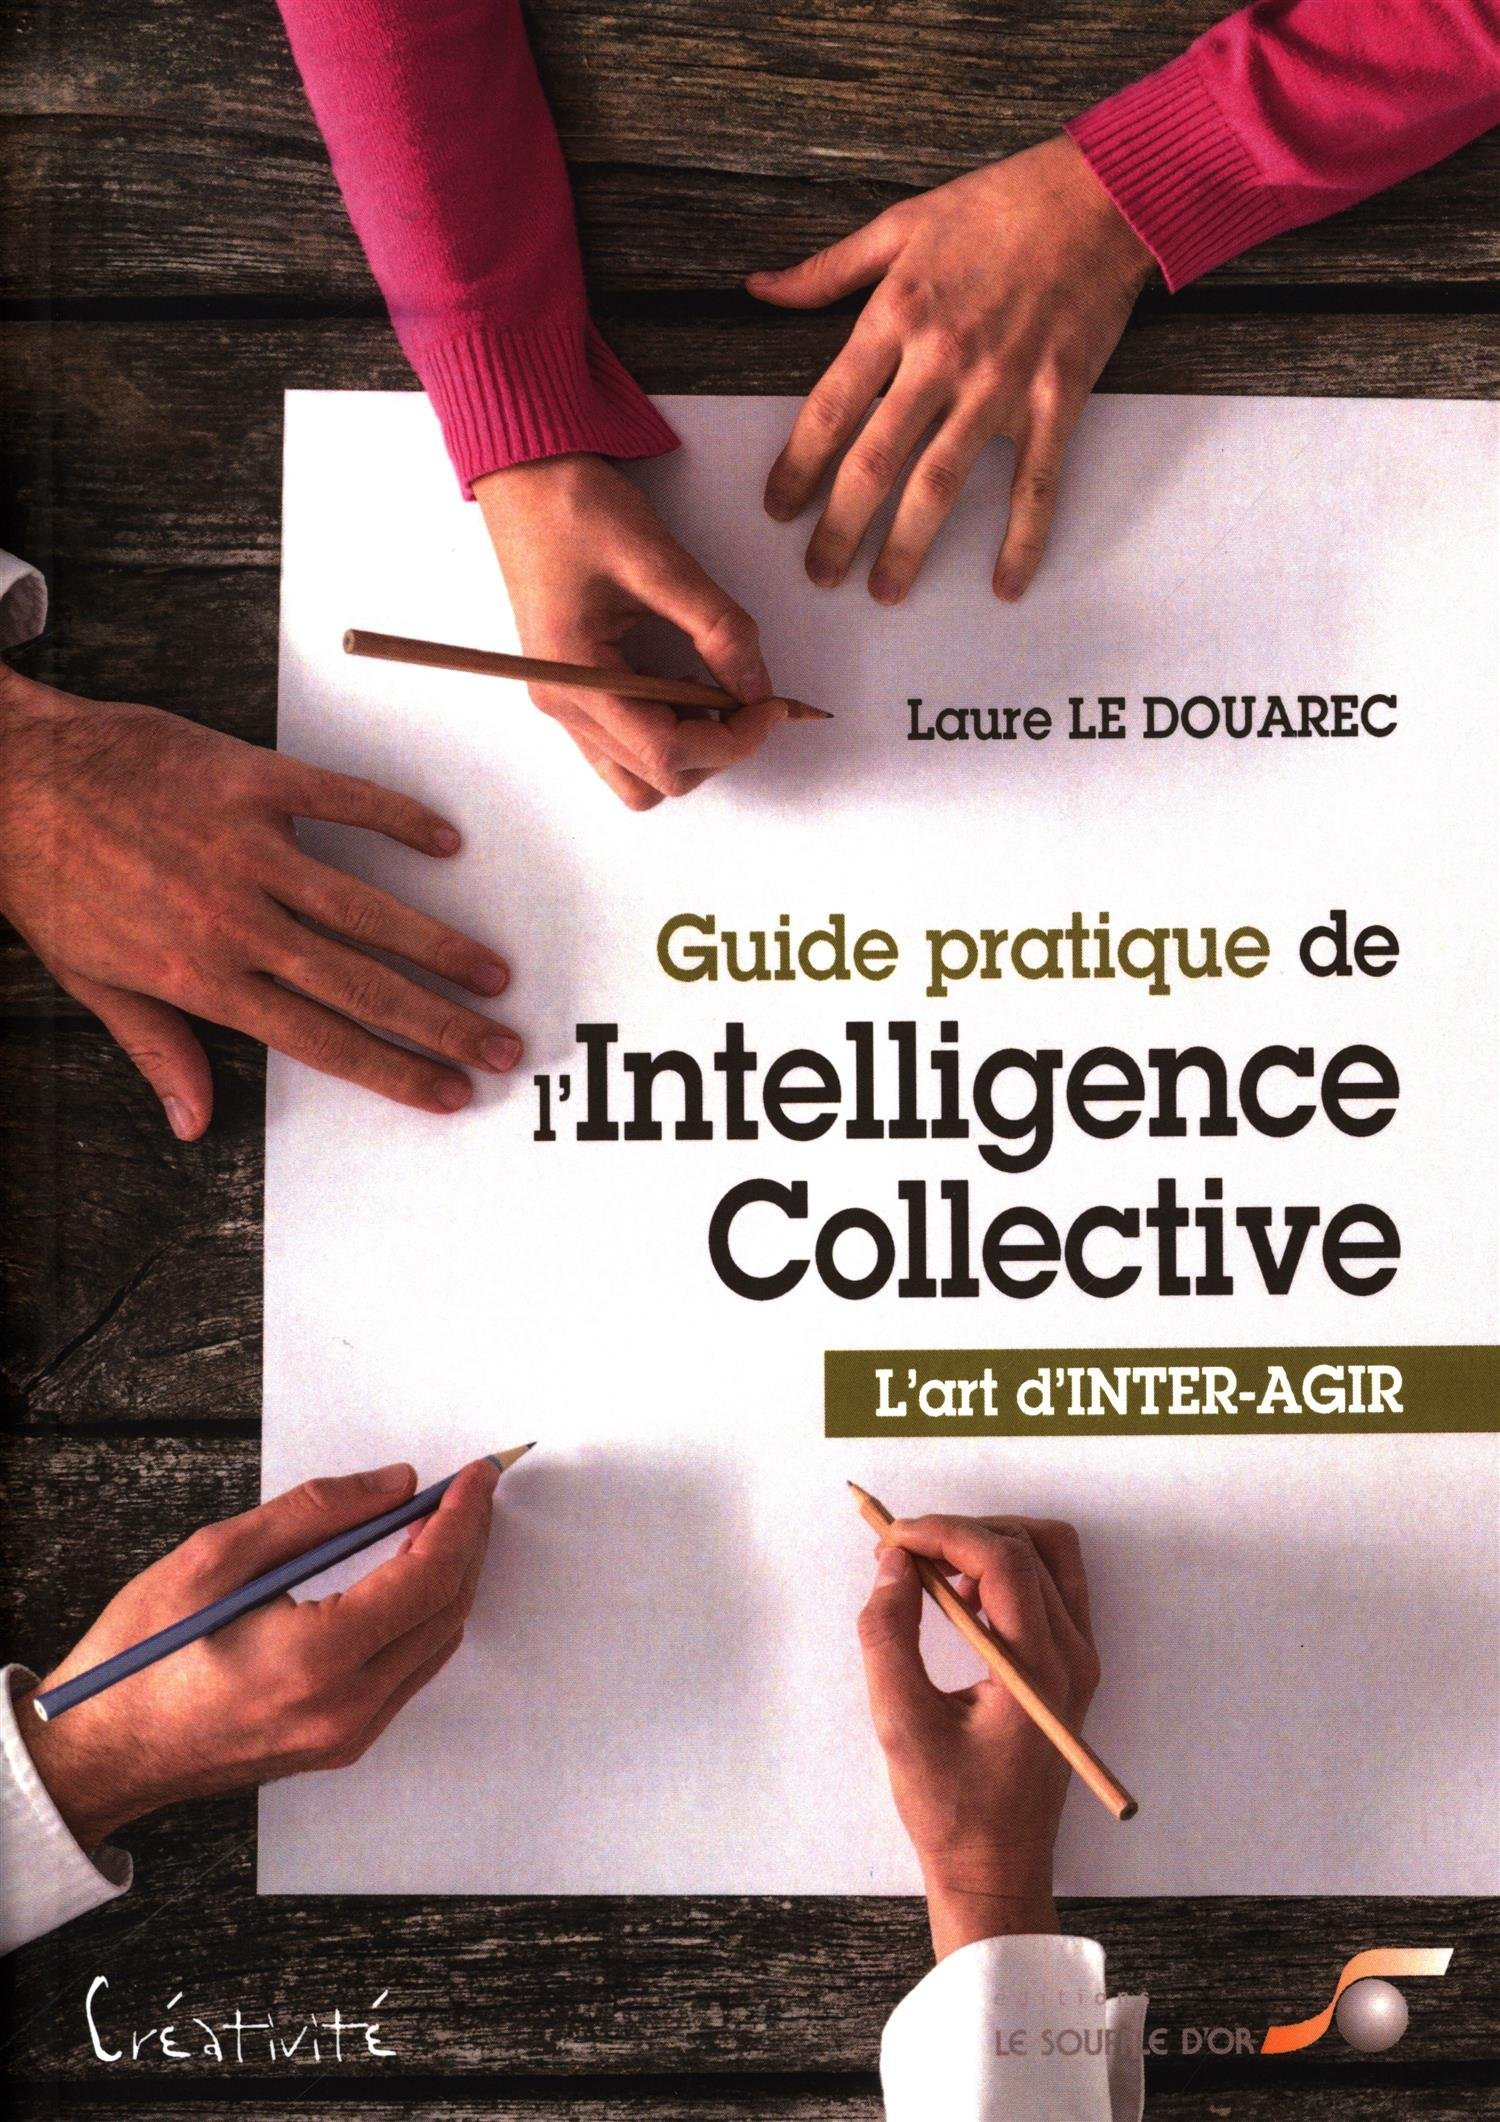 télécharger Guide pratique de l'intelligence collective : L'art d'inter-agir